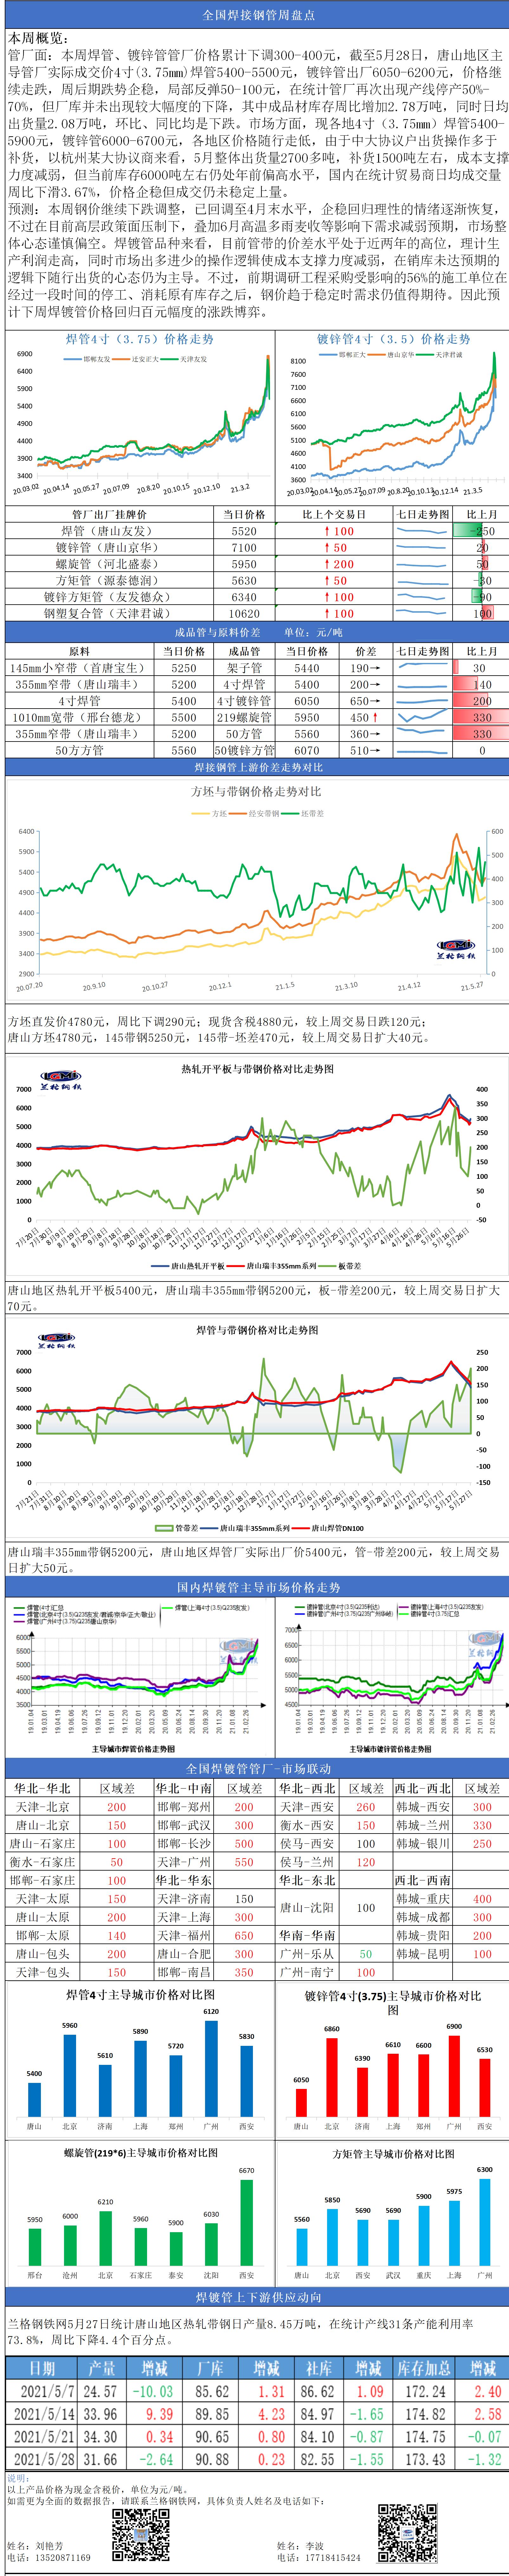 兰格焊接钢管周盘点(5.28): 多空政策方向不明朗 焊镀管市场基本面承压